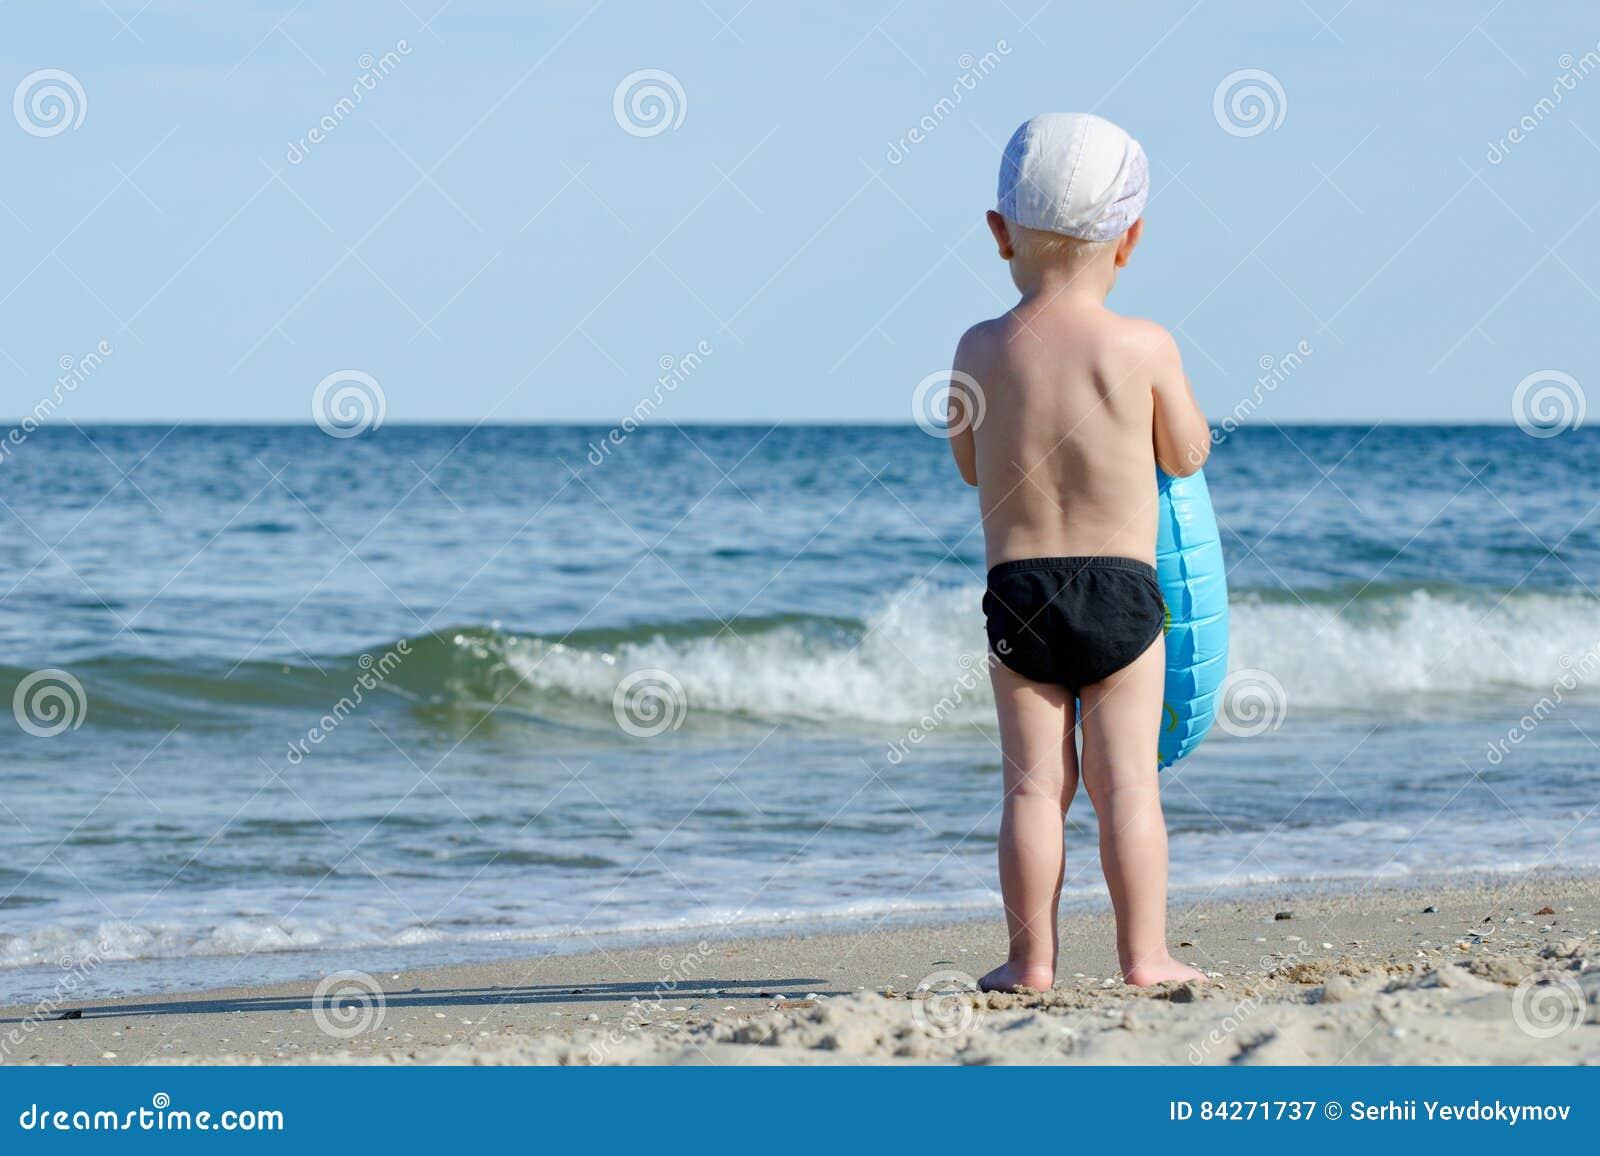 Costumi Da Bagno Per Bambino : Il bambino in costume da bagno ed in un cappuccio con un cerchio